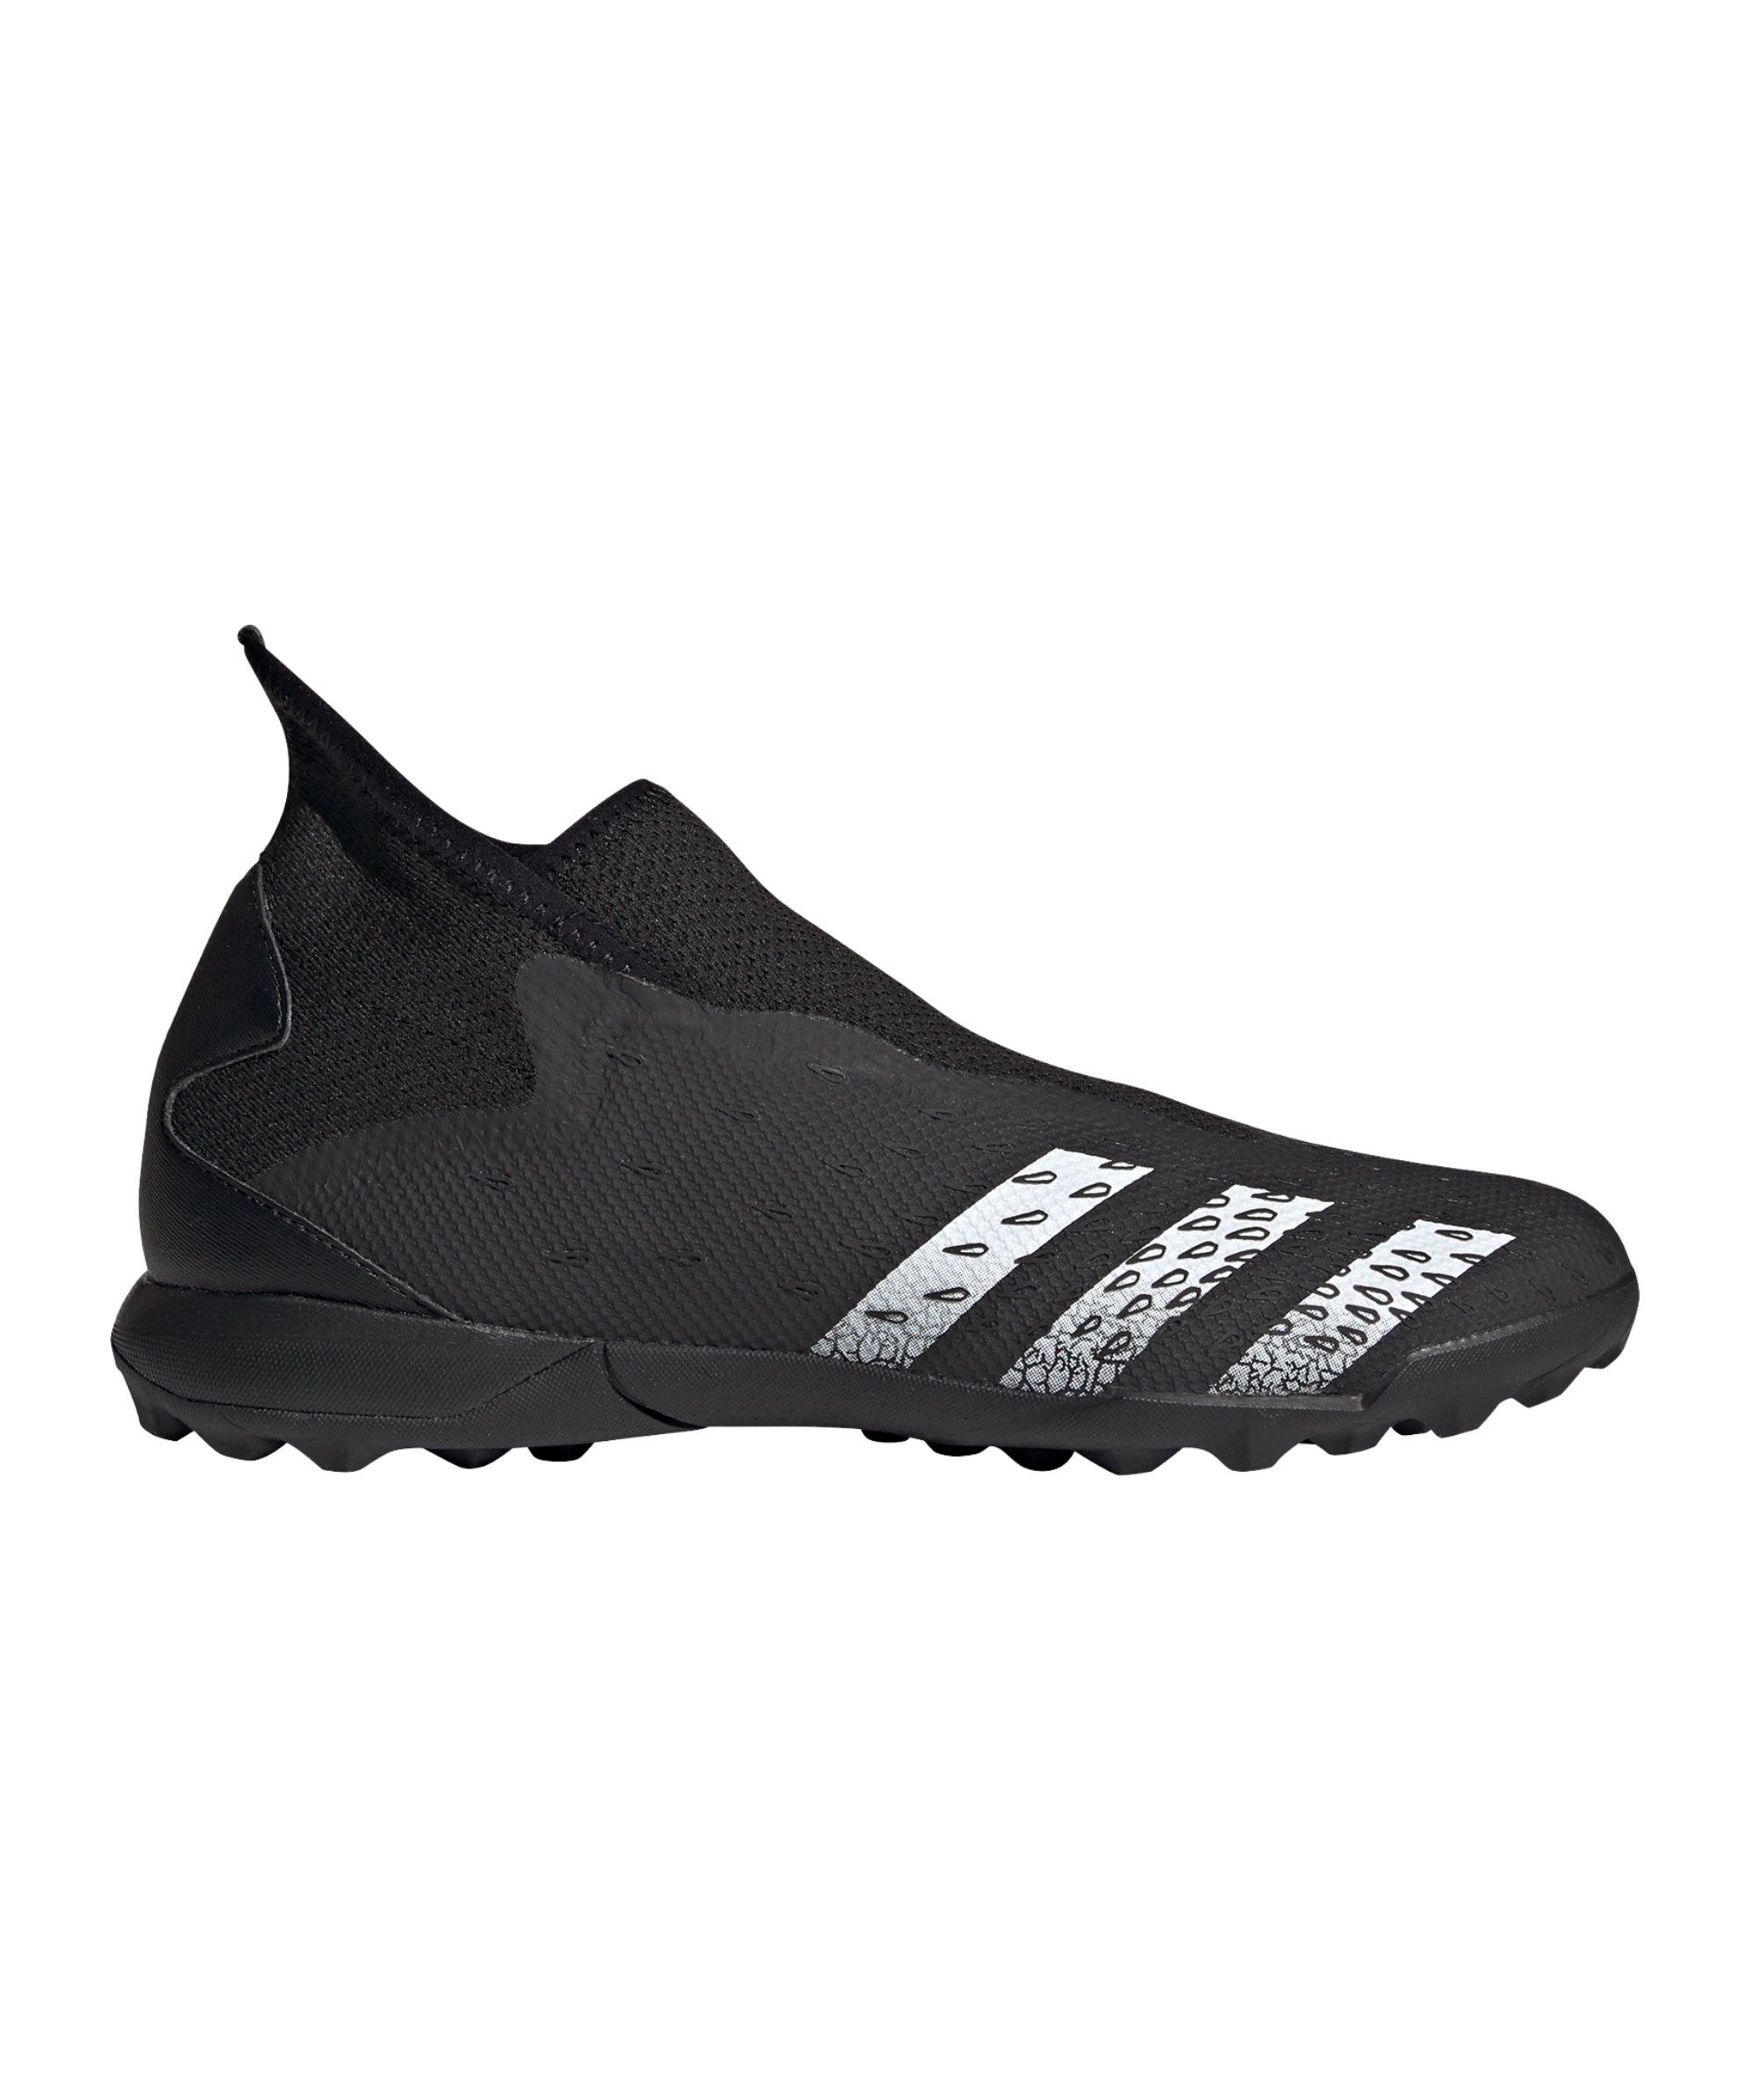 adidas Predator FREAK.3 LL TF Superstealth Schwarz - schwarz